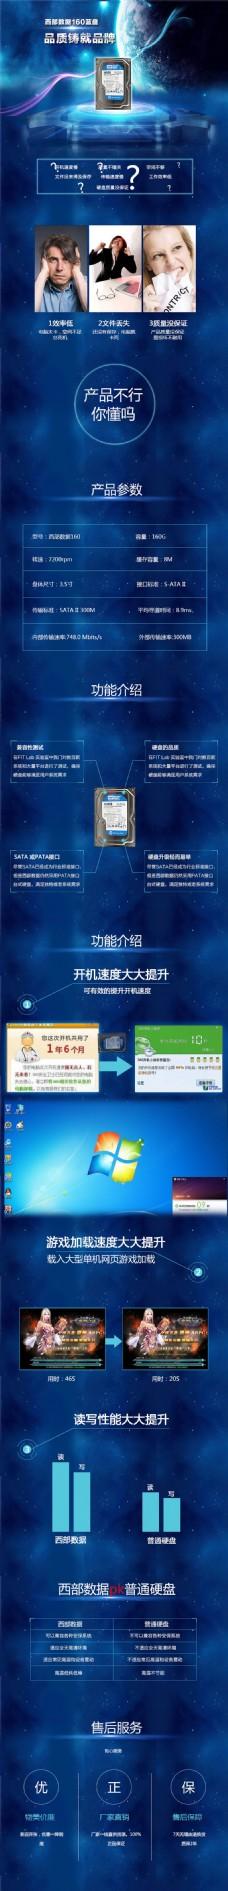 数码 硬盘 详情页 海报